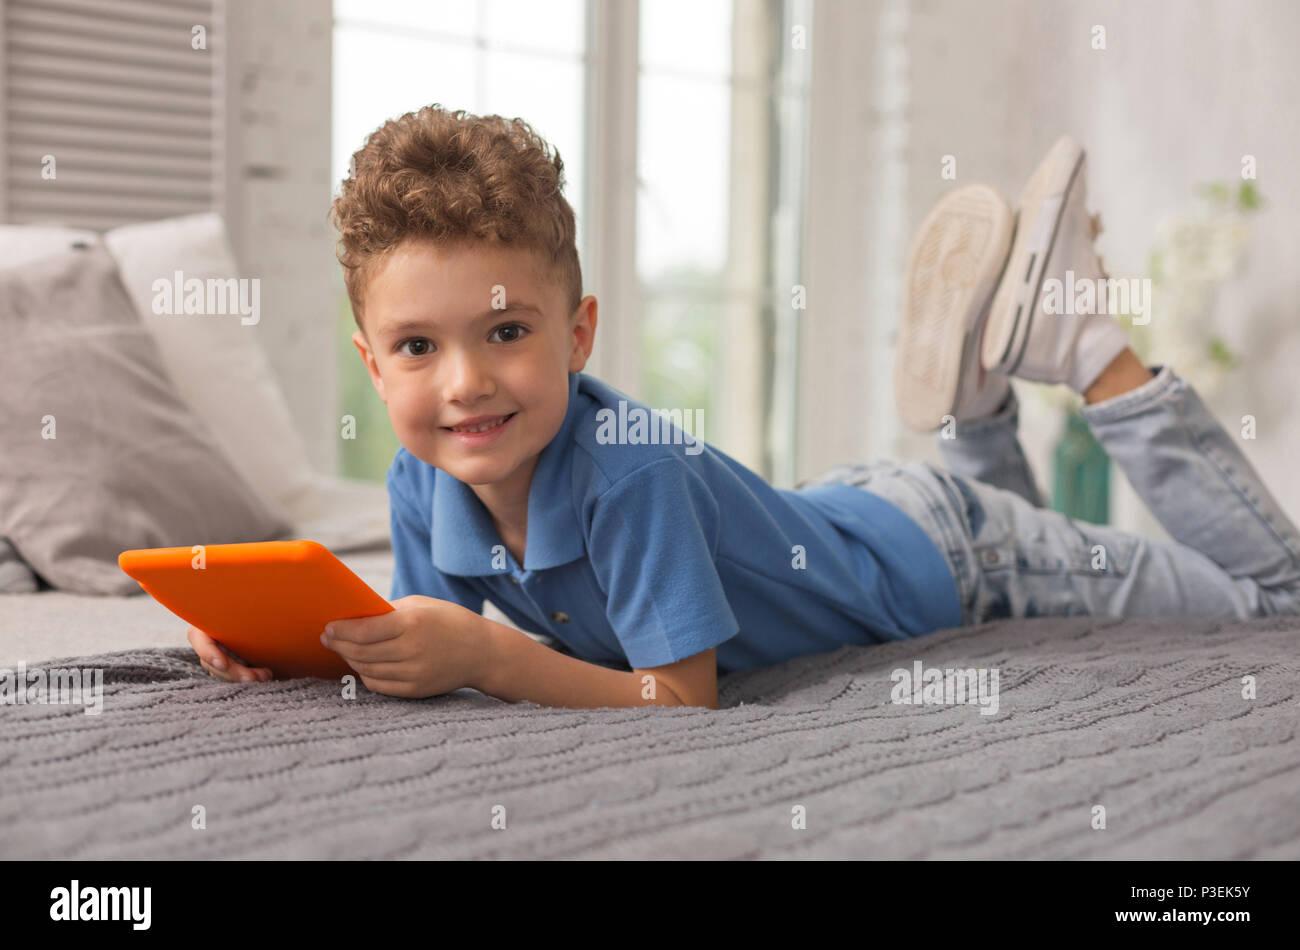 Smiling adorable garçon couché sur un lit double Photo Stock